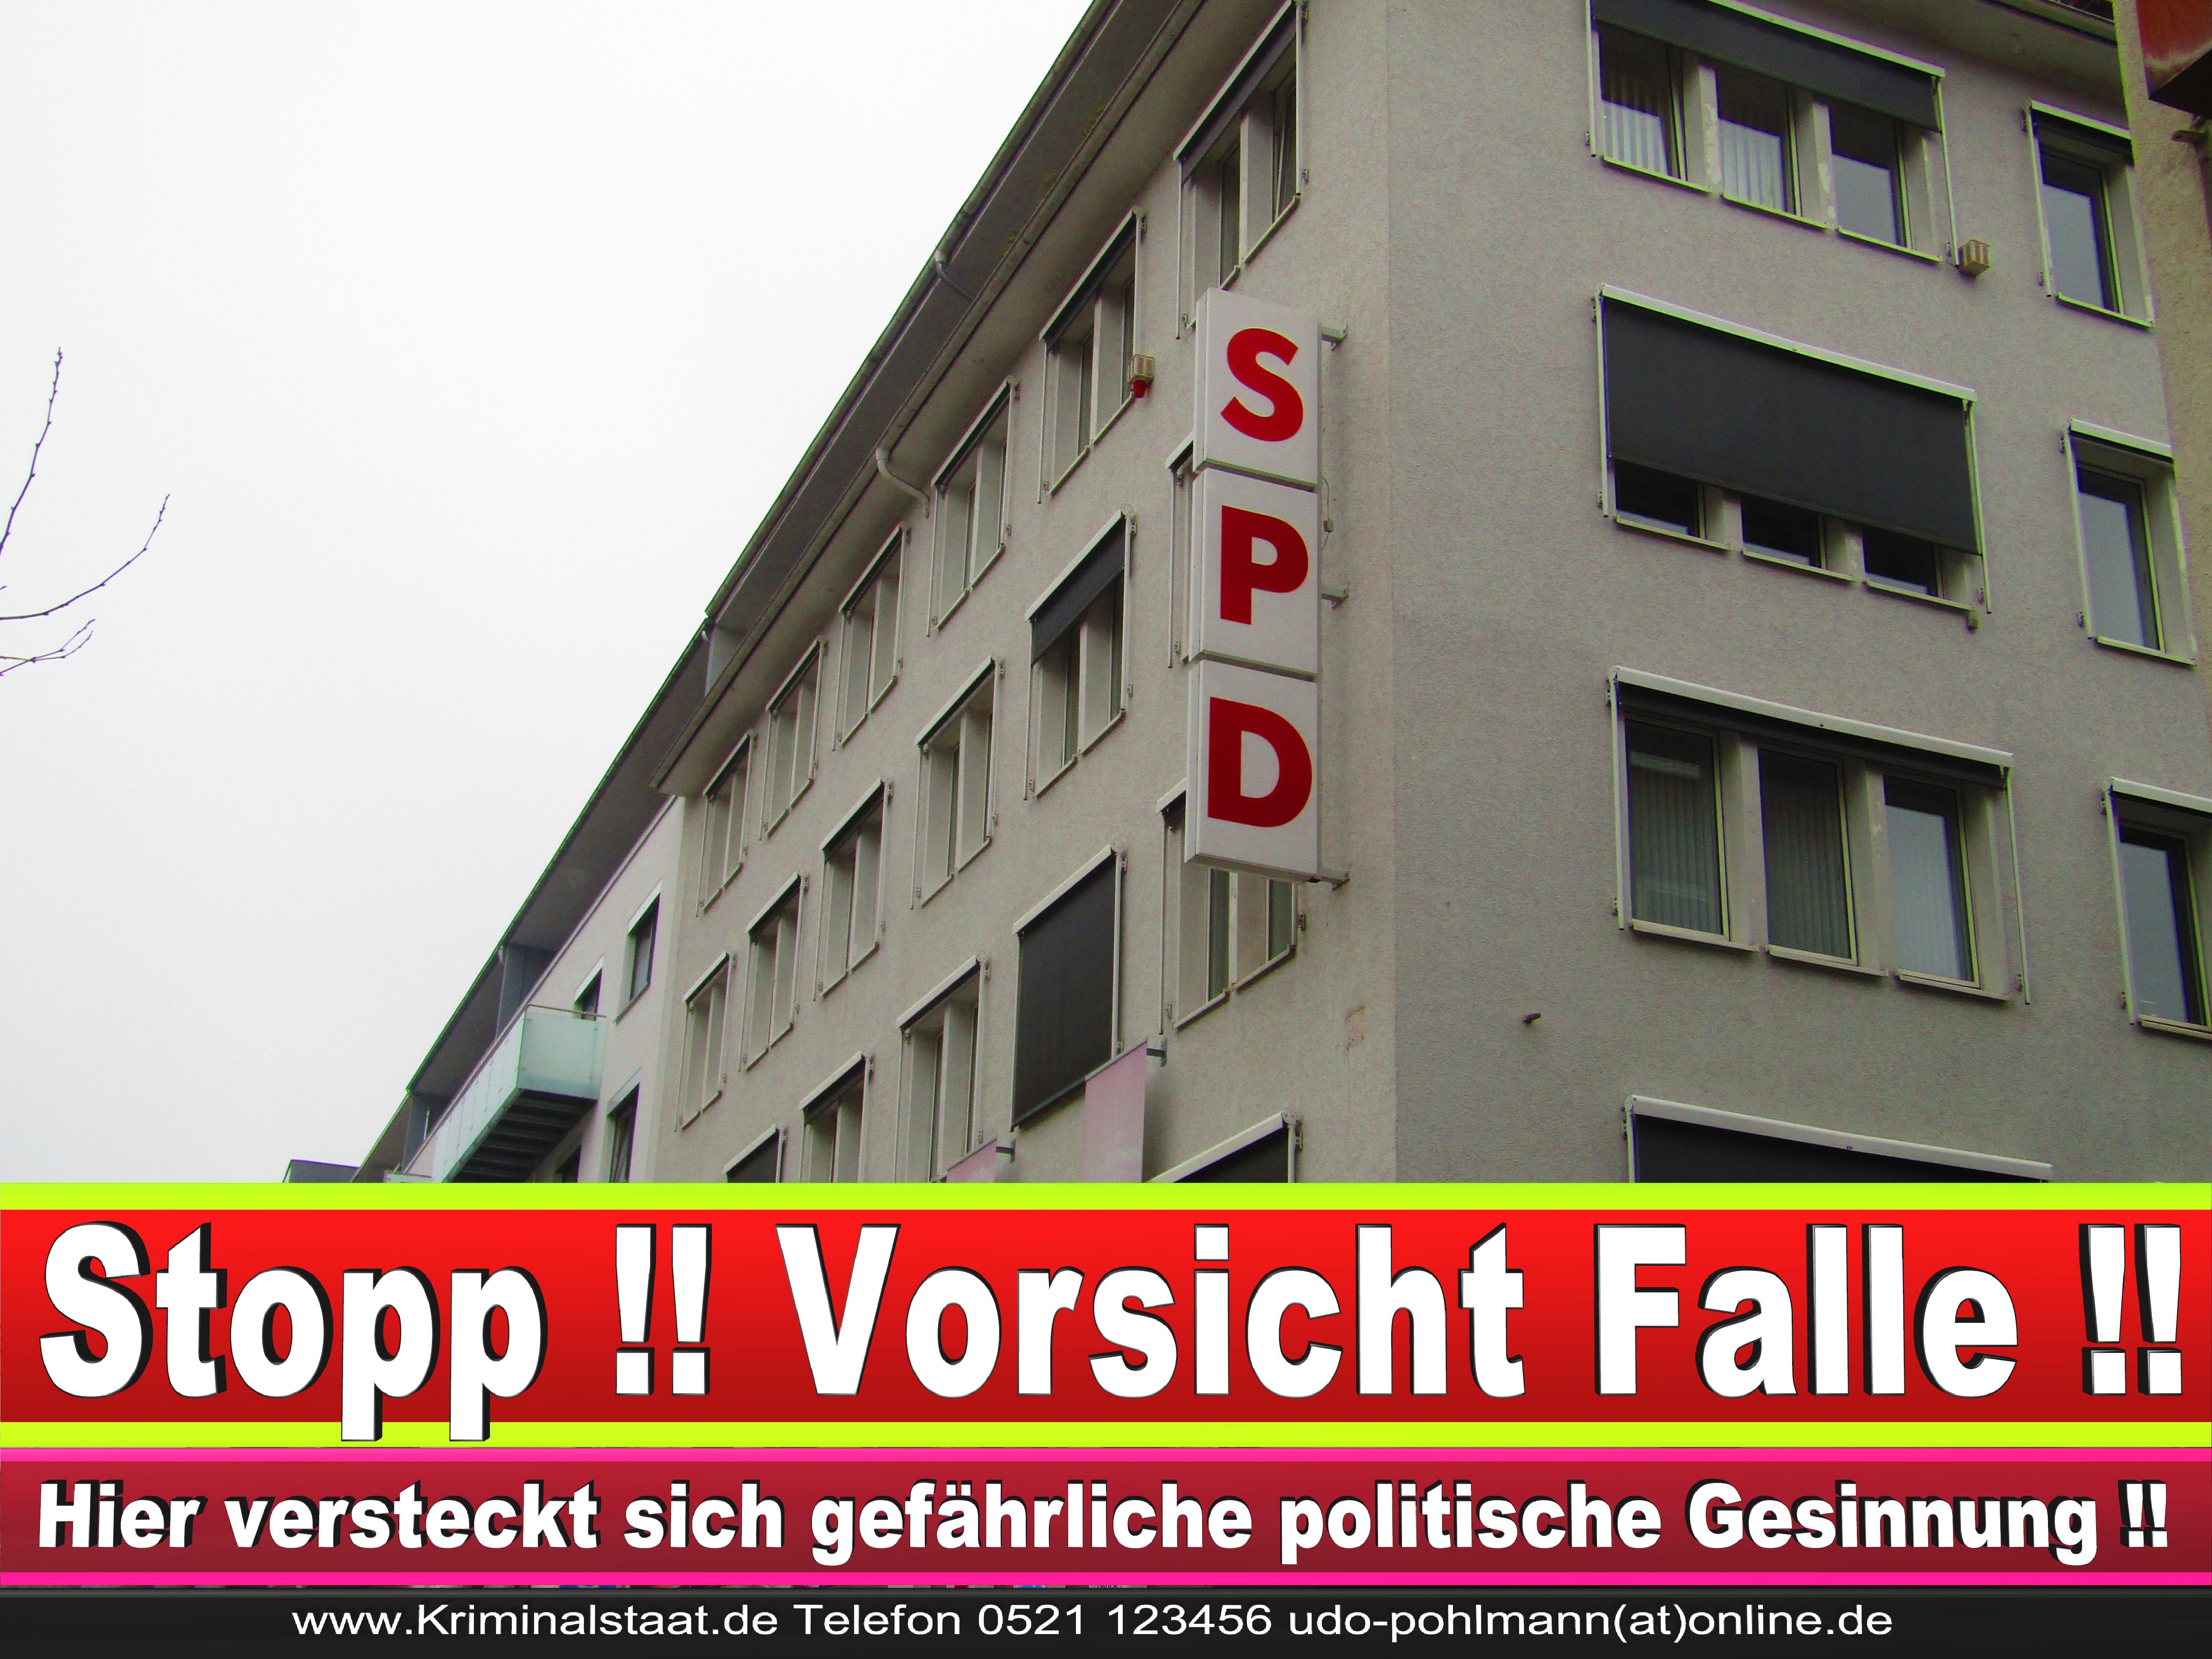 SPD DORTMUND BüRGERBüRO SPD ORTSVERBAND RAT STADT RATSMITGLIEDER SPD FRAKTION GESCHäFTSSTELLE SPD NRW ADRESSE (13) 1 1